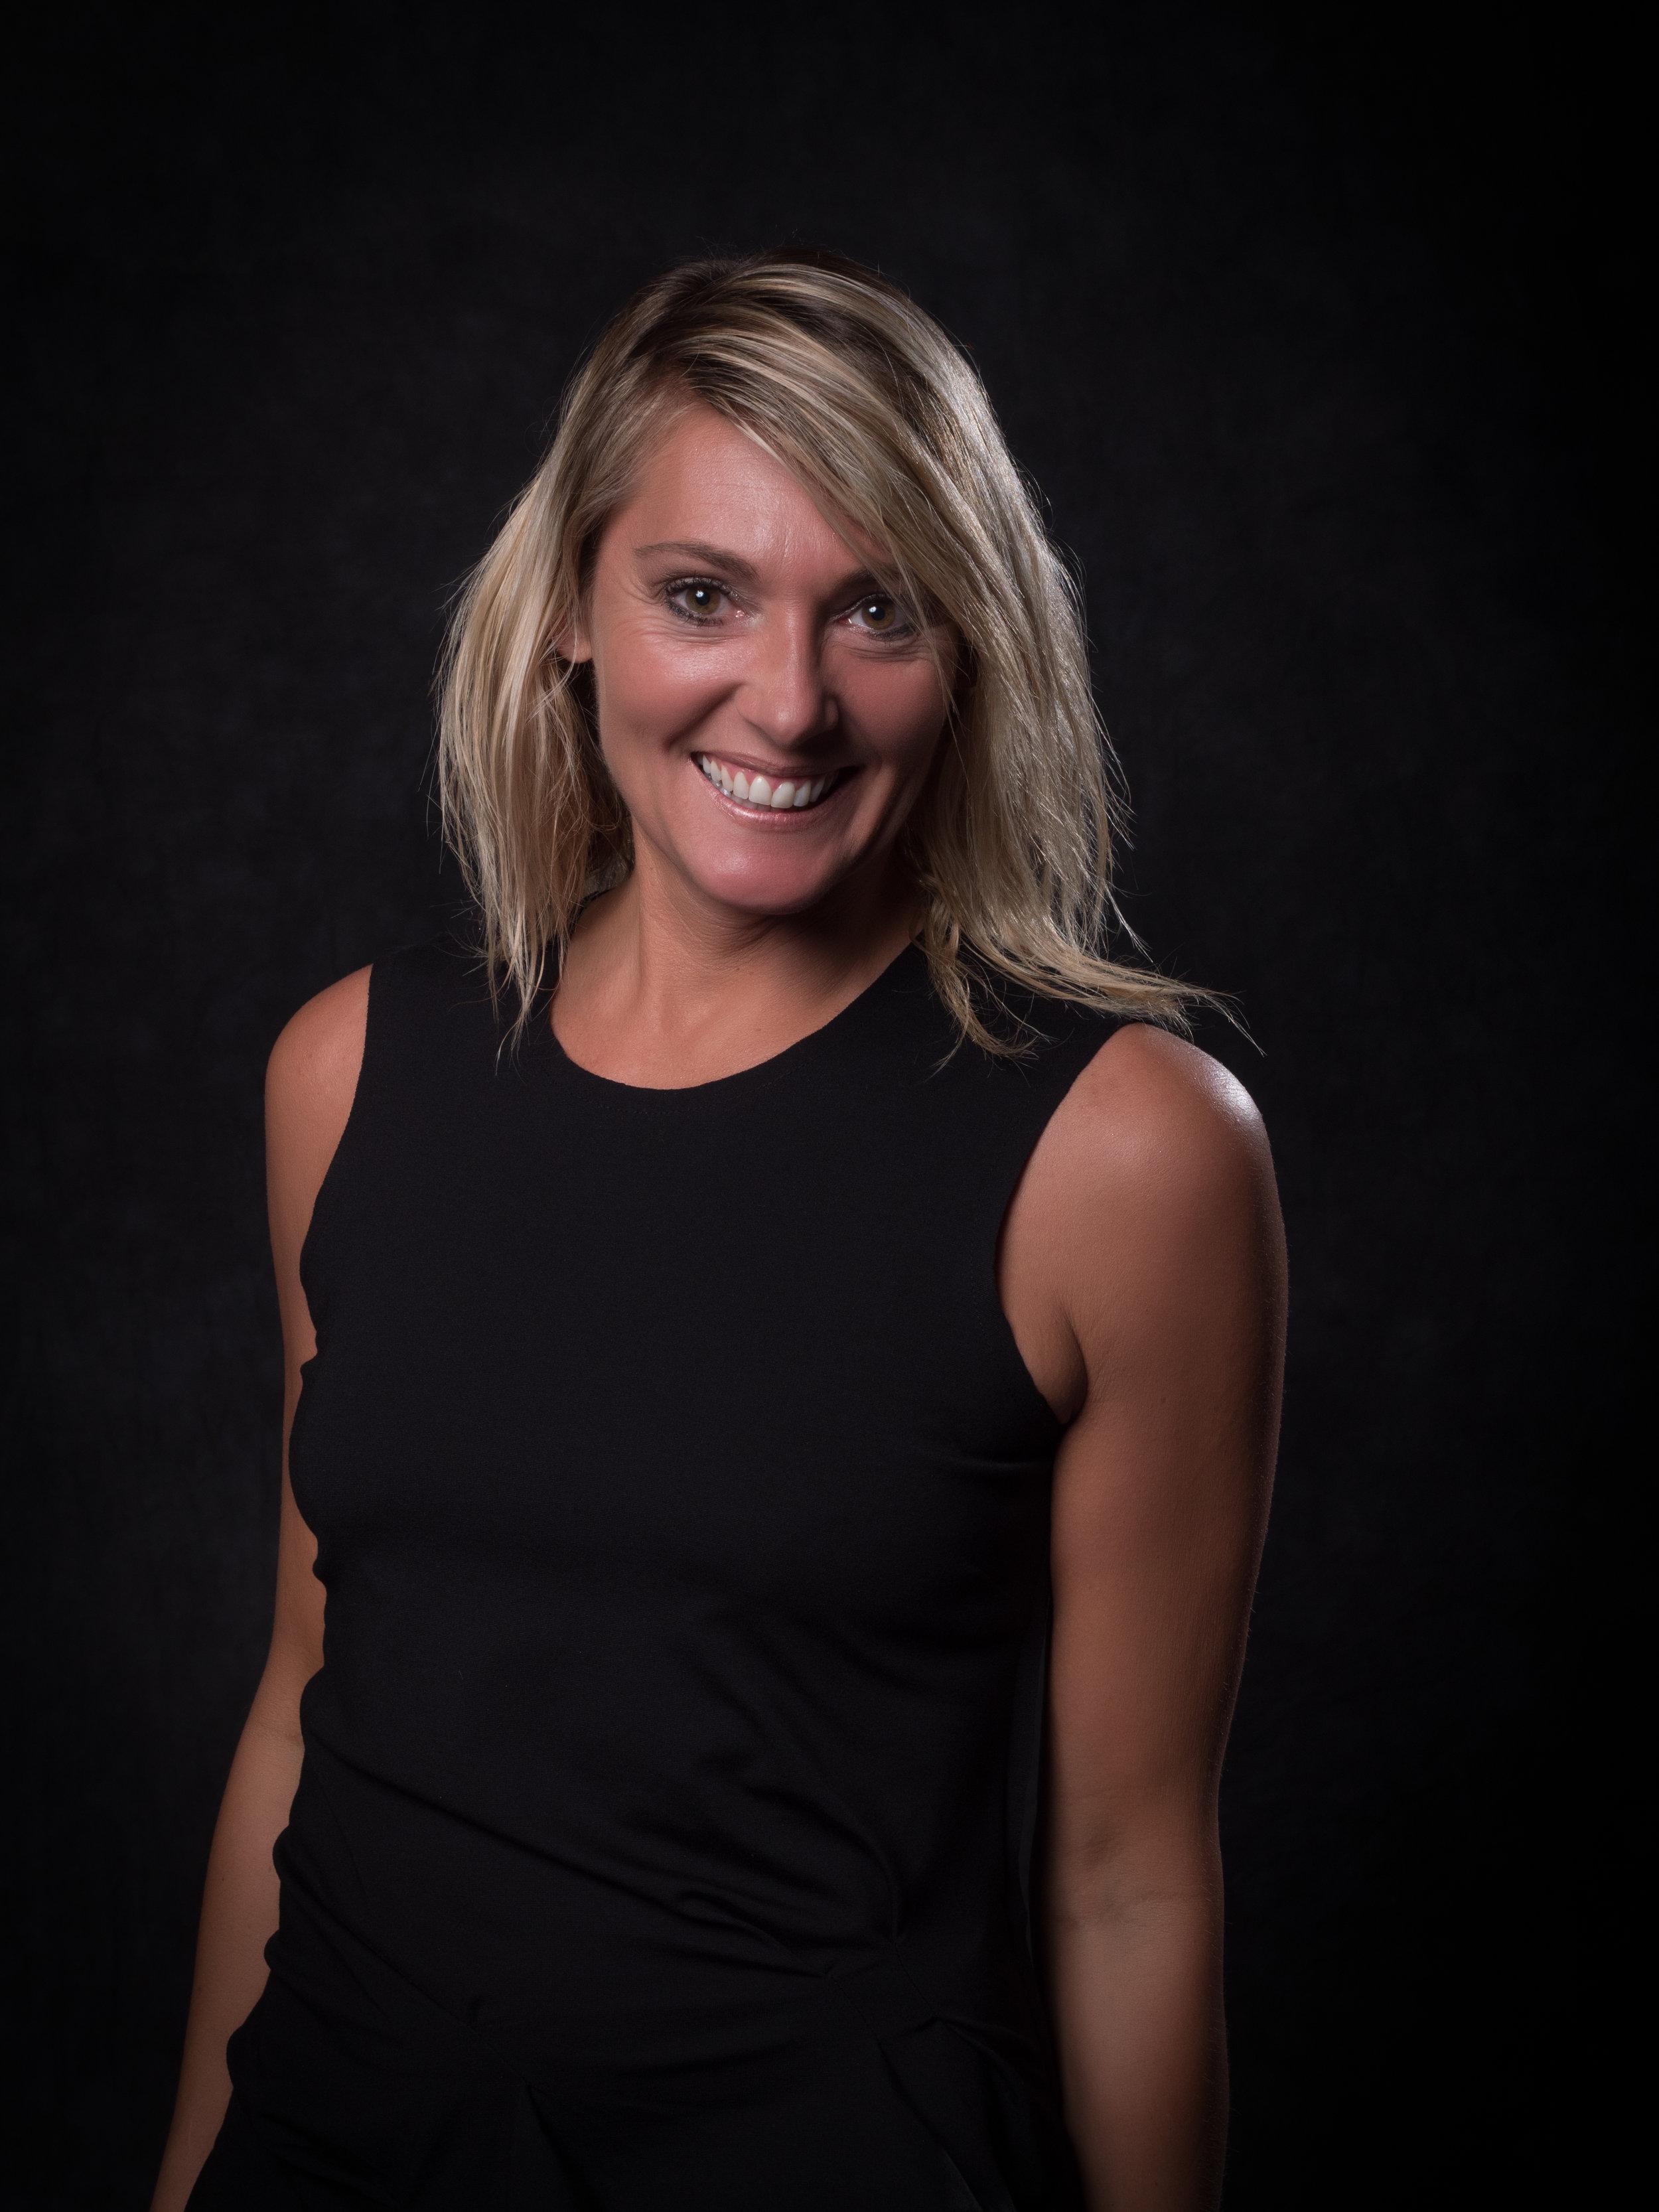 Tiffany McVeety